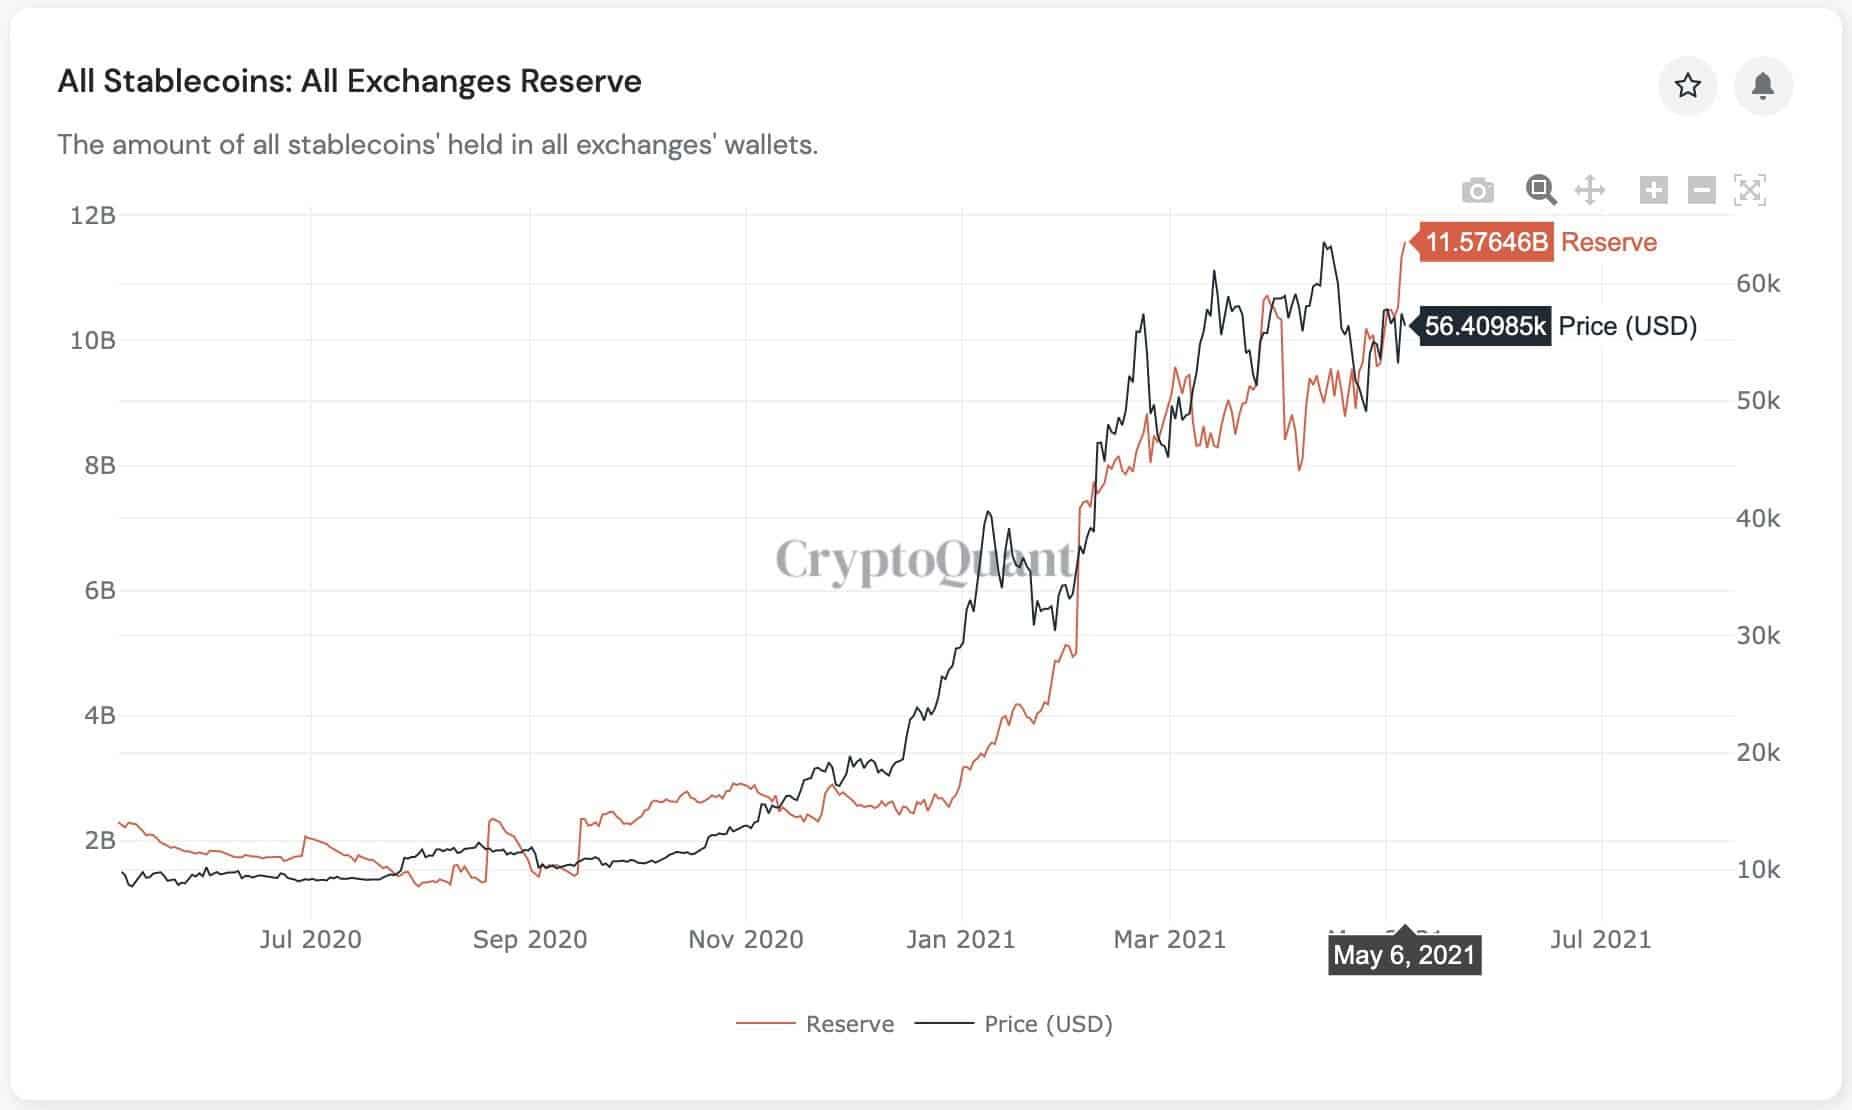 Tỷ lệ Stablecoin trên Sàn giao dịch.  Nguồn: CryptoQuant